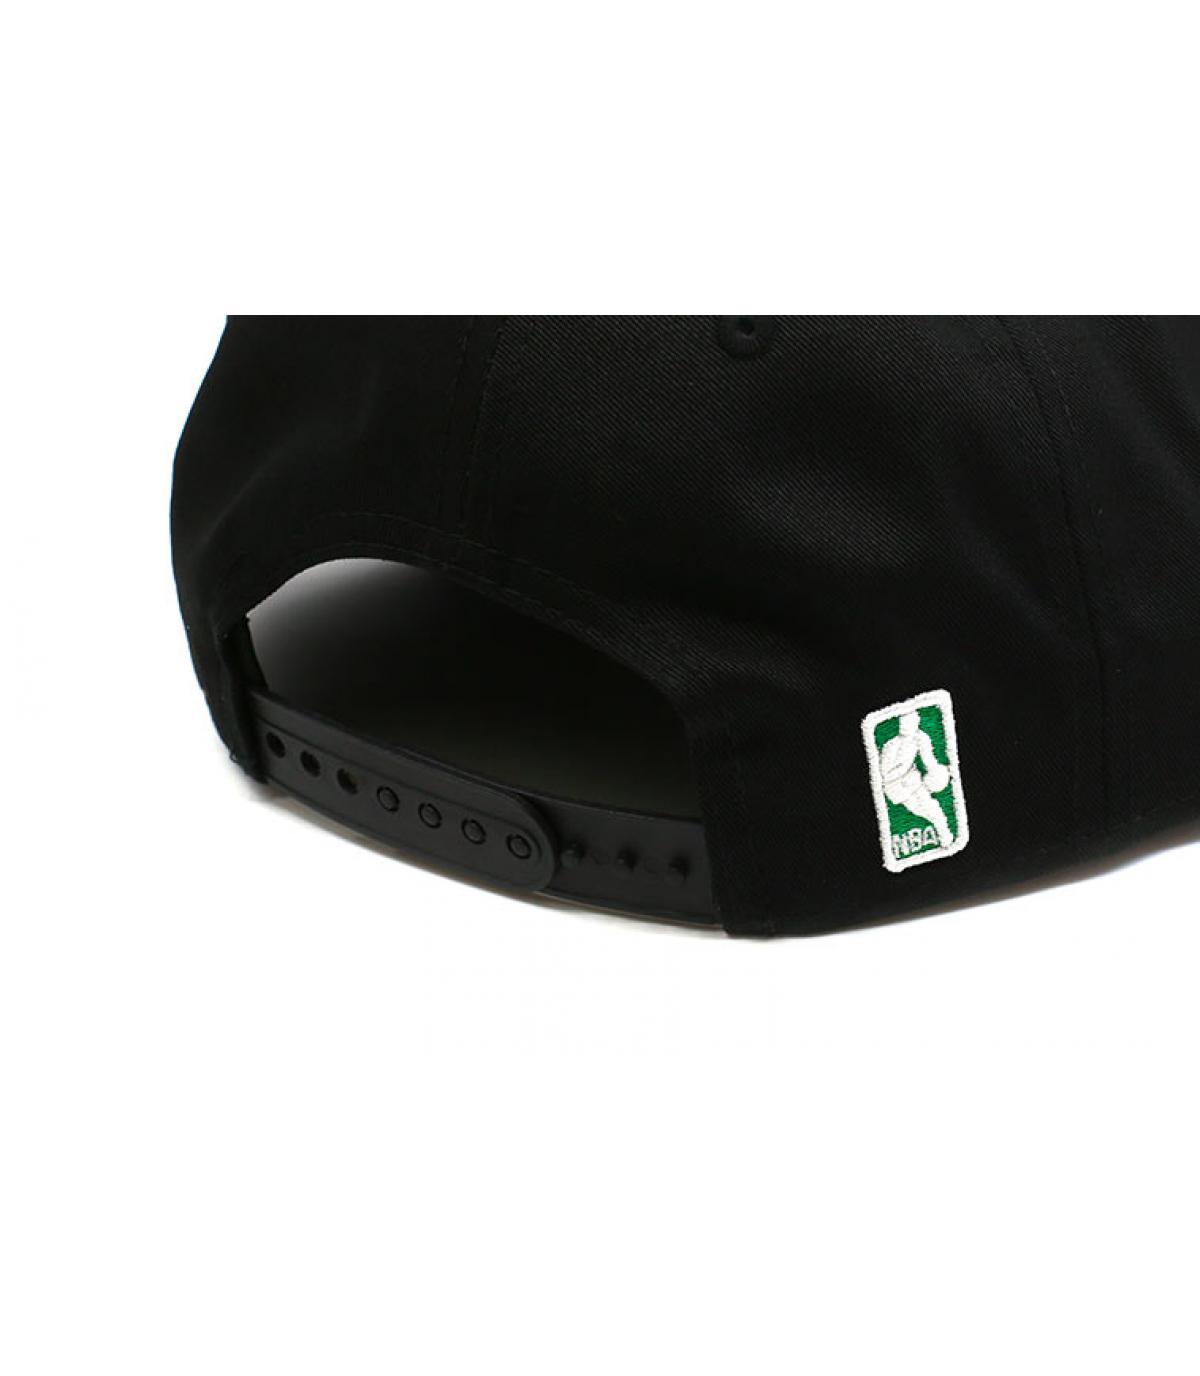 Détails Snapback NBA Celtics 950 - image 5